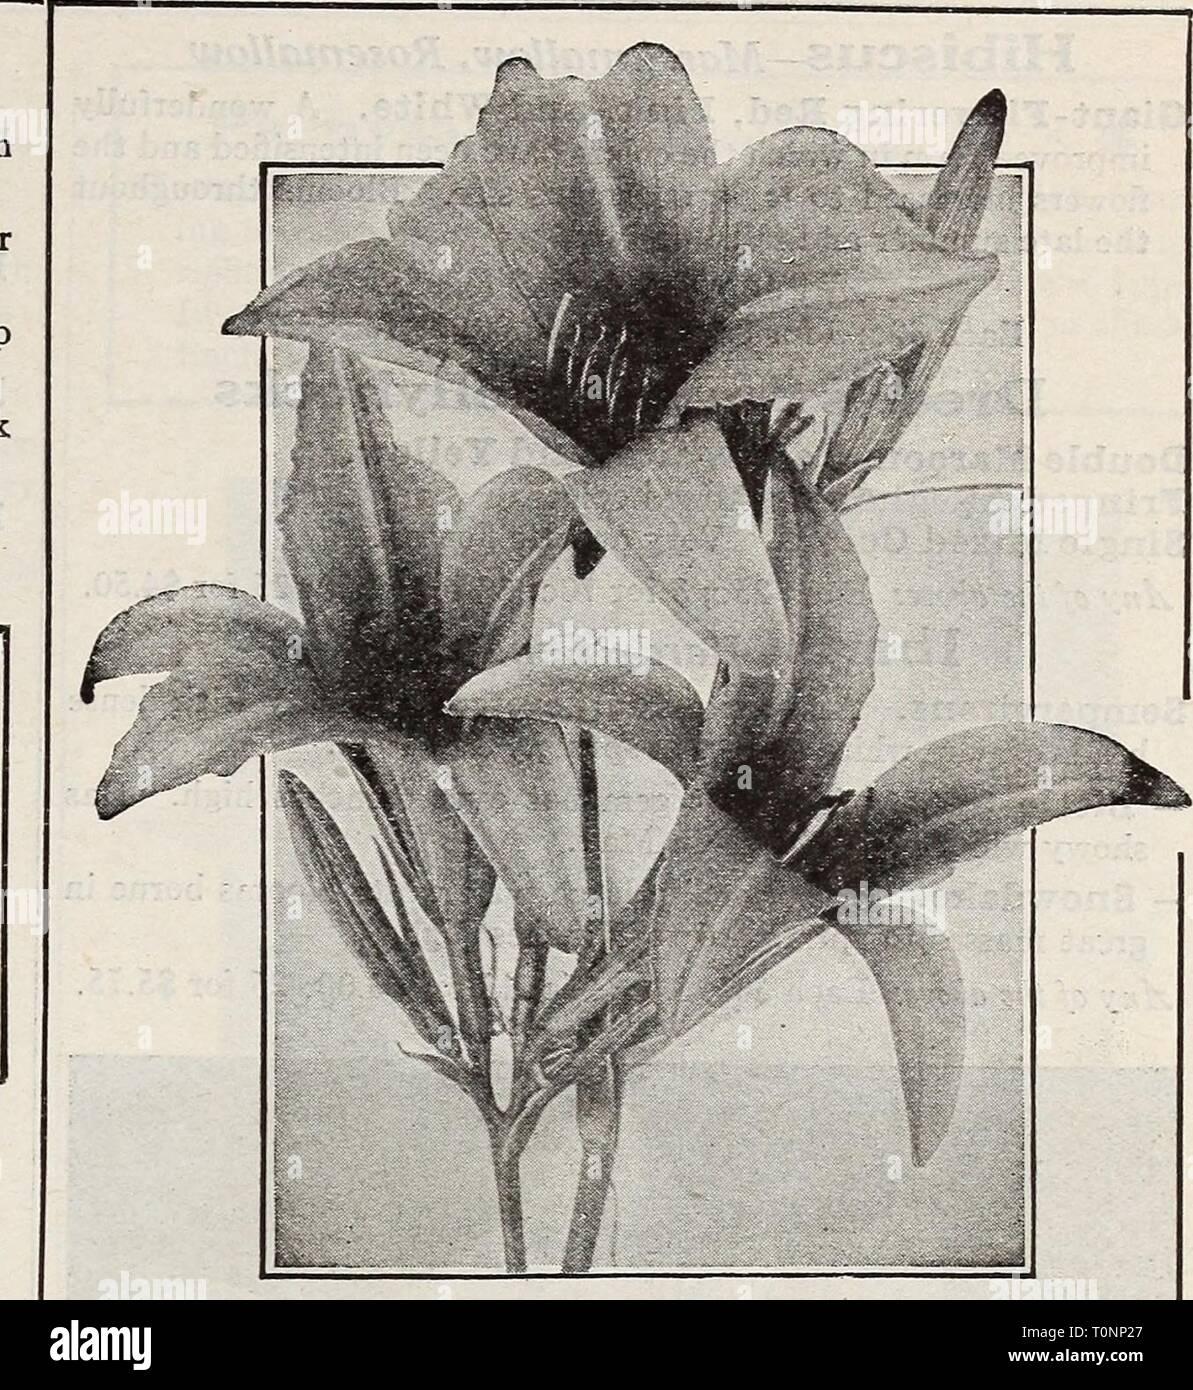 Berühmt Dreer's Lampen Pflanzen, Sträucher und dreer's Lampen Pflanzen @LH_69